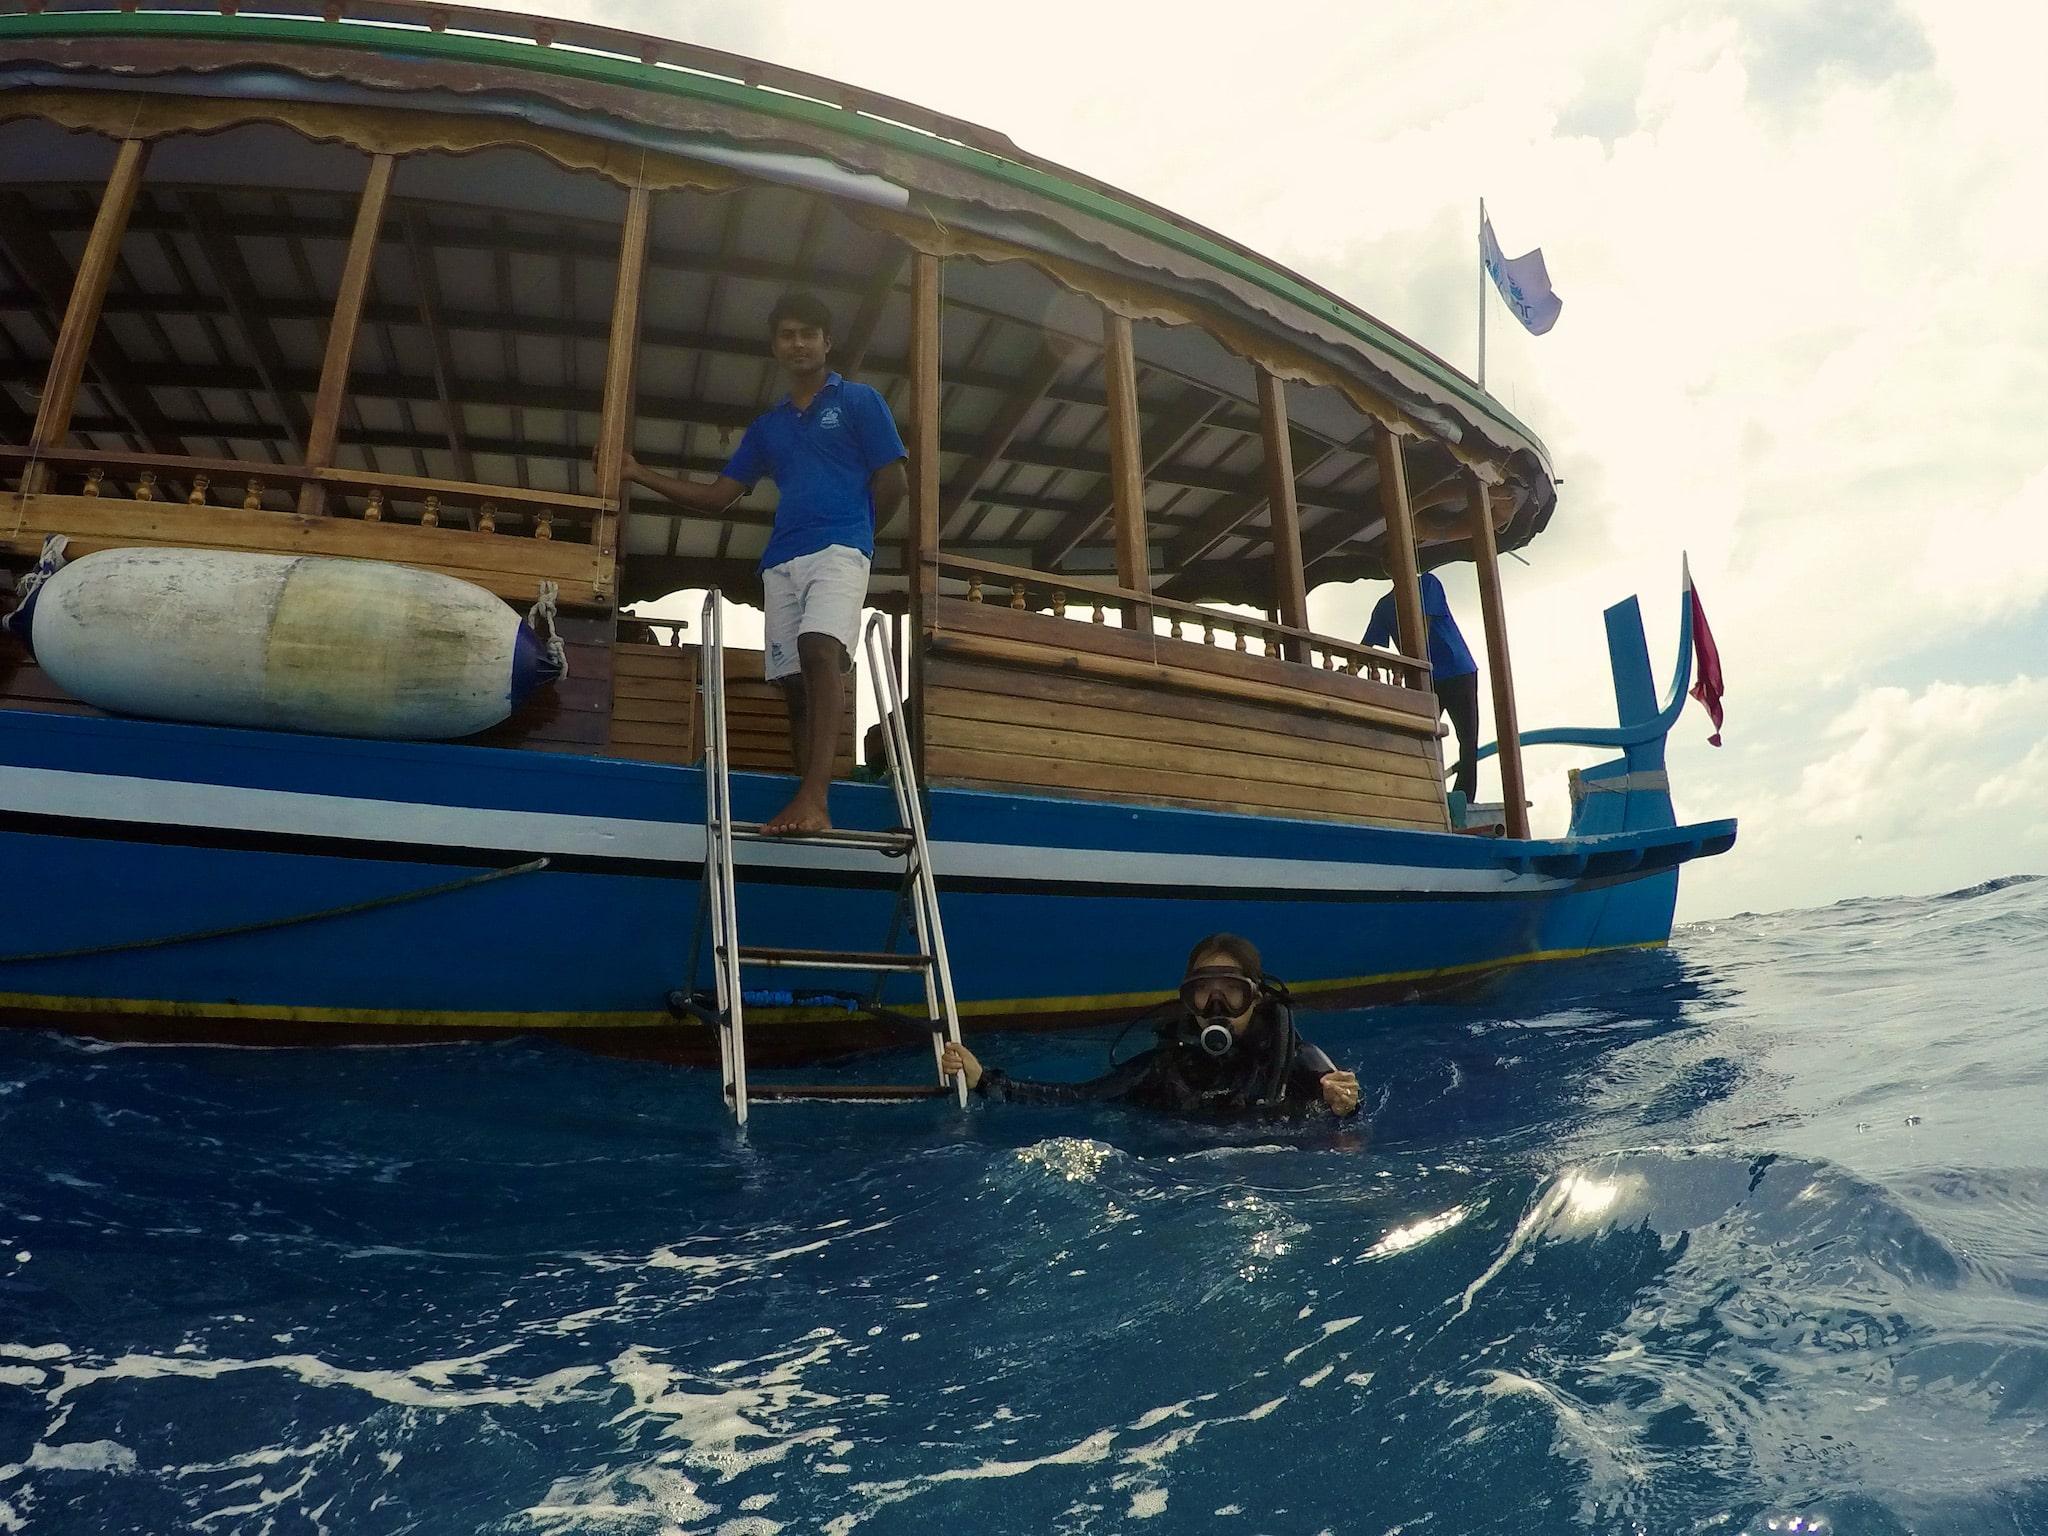 Das Dhoni ist ideal als Tauchboot – es ist wendig und auf den zwei Decks ist reichlich Platz. Foto: Sascha Tegtmeyer Reisebericht Coco Bodu Hithi Malediven Erfahrungen